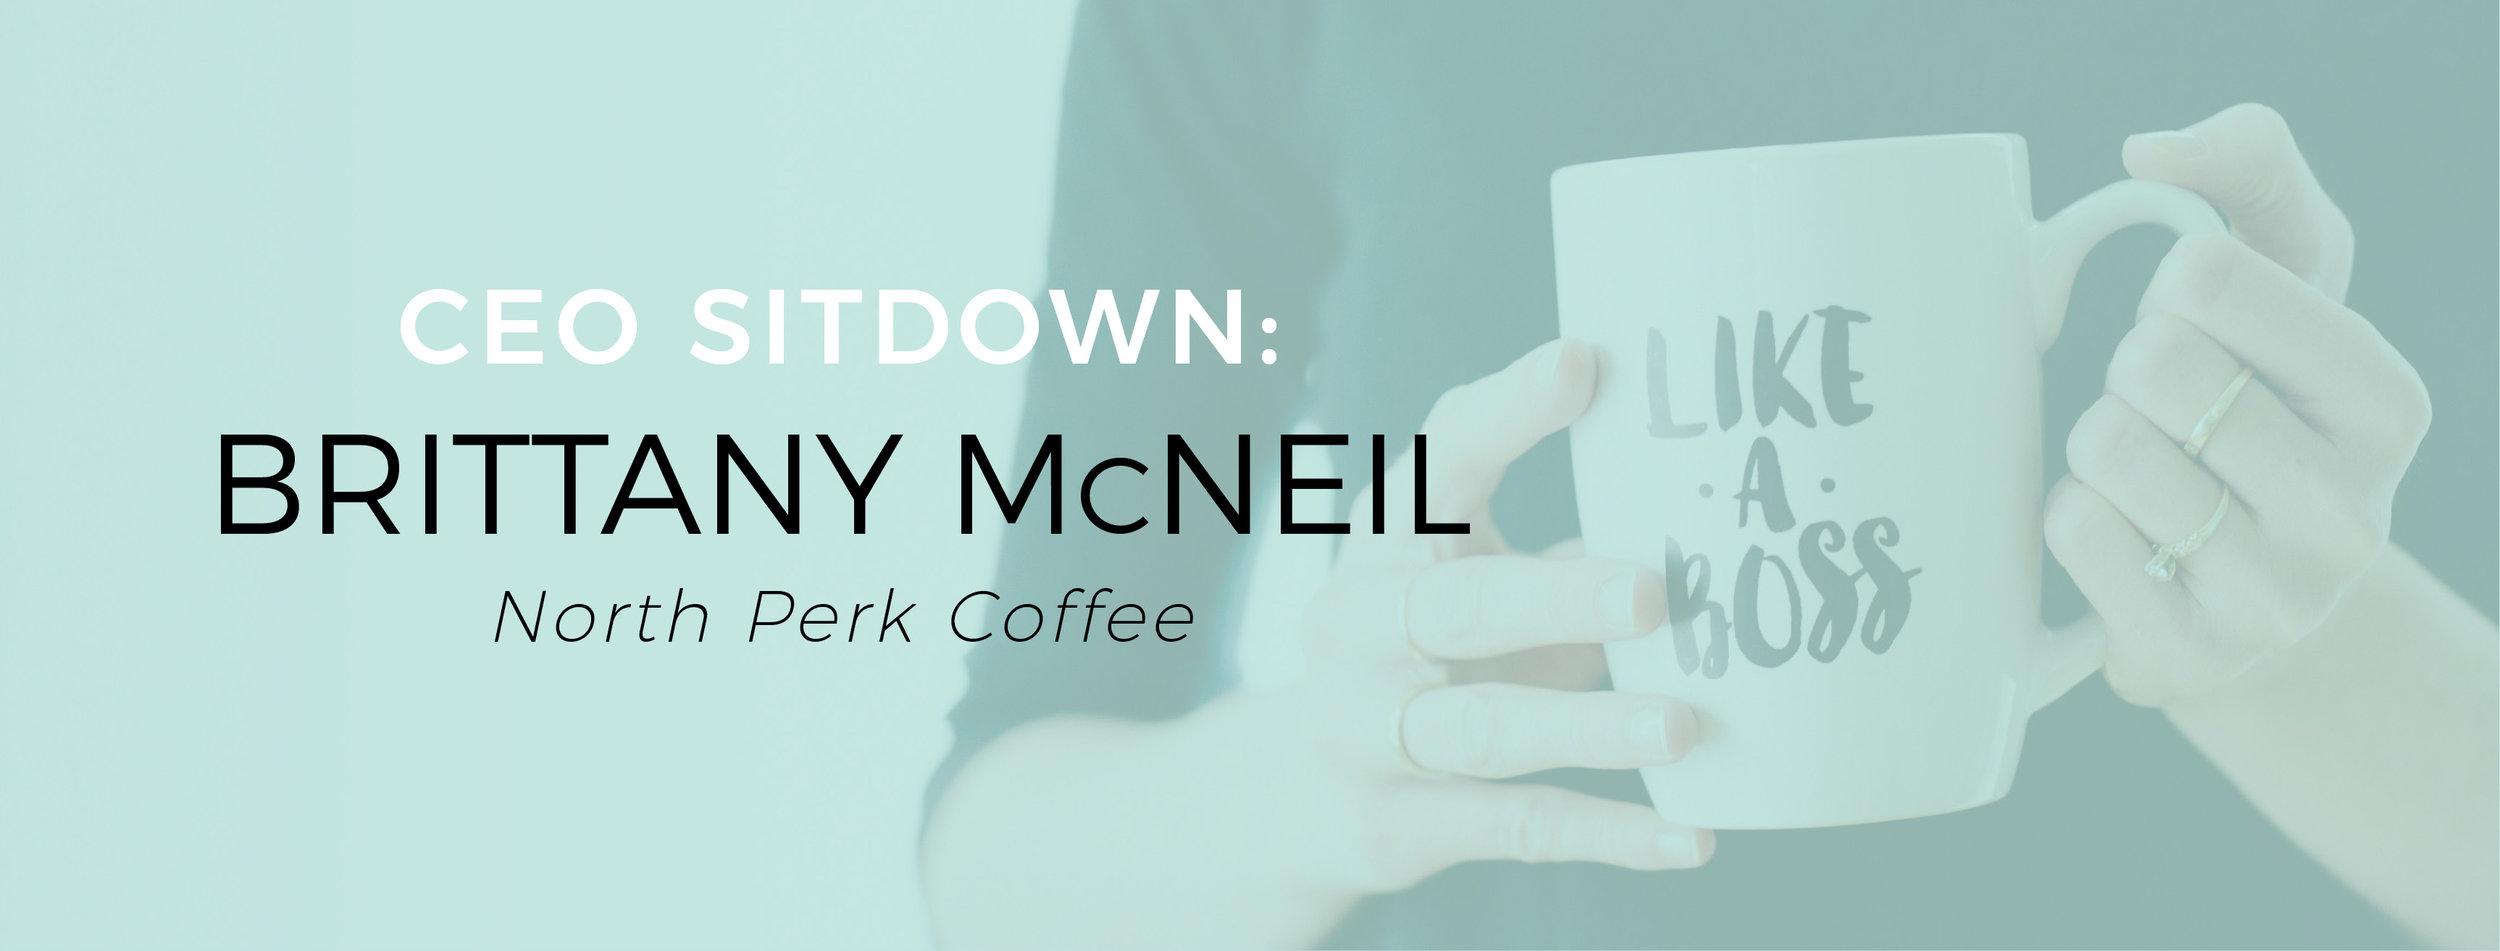 T45-CEO Sitdown - Brittany McNeil - Event Header.jpg